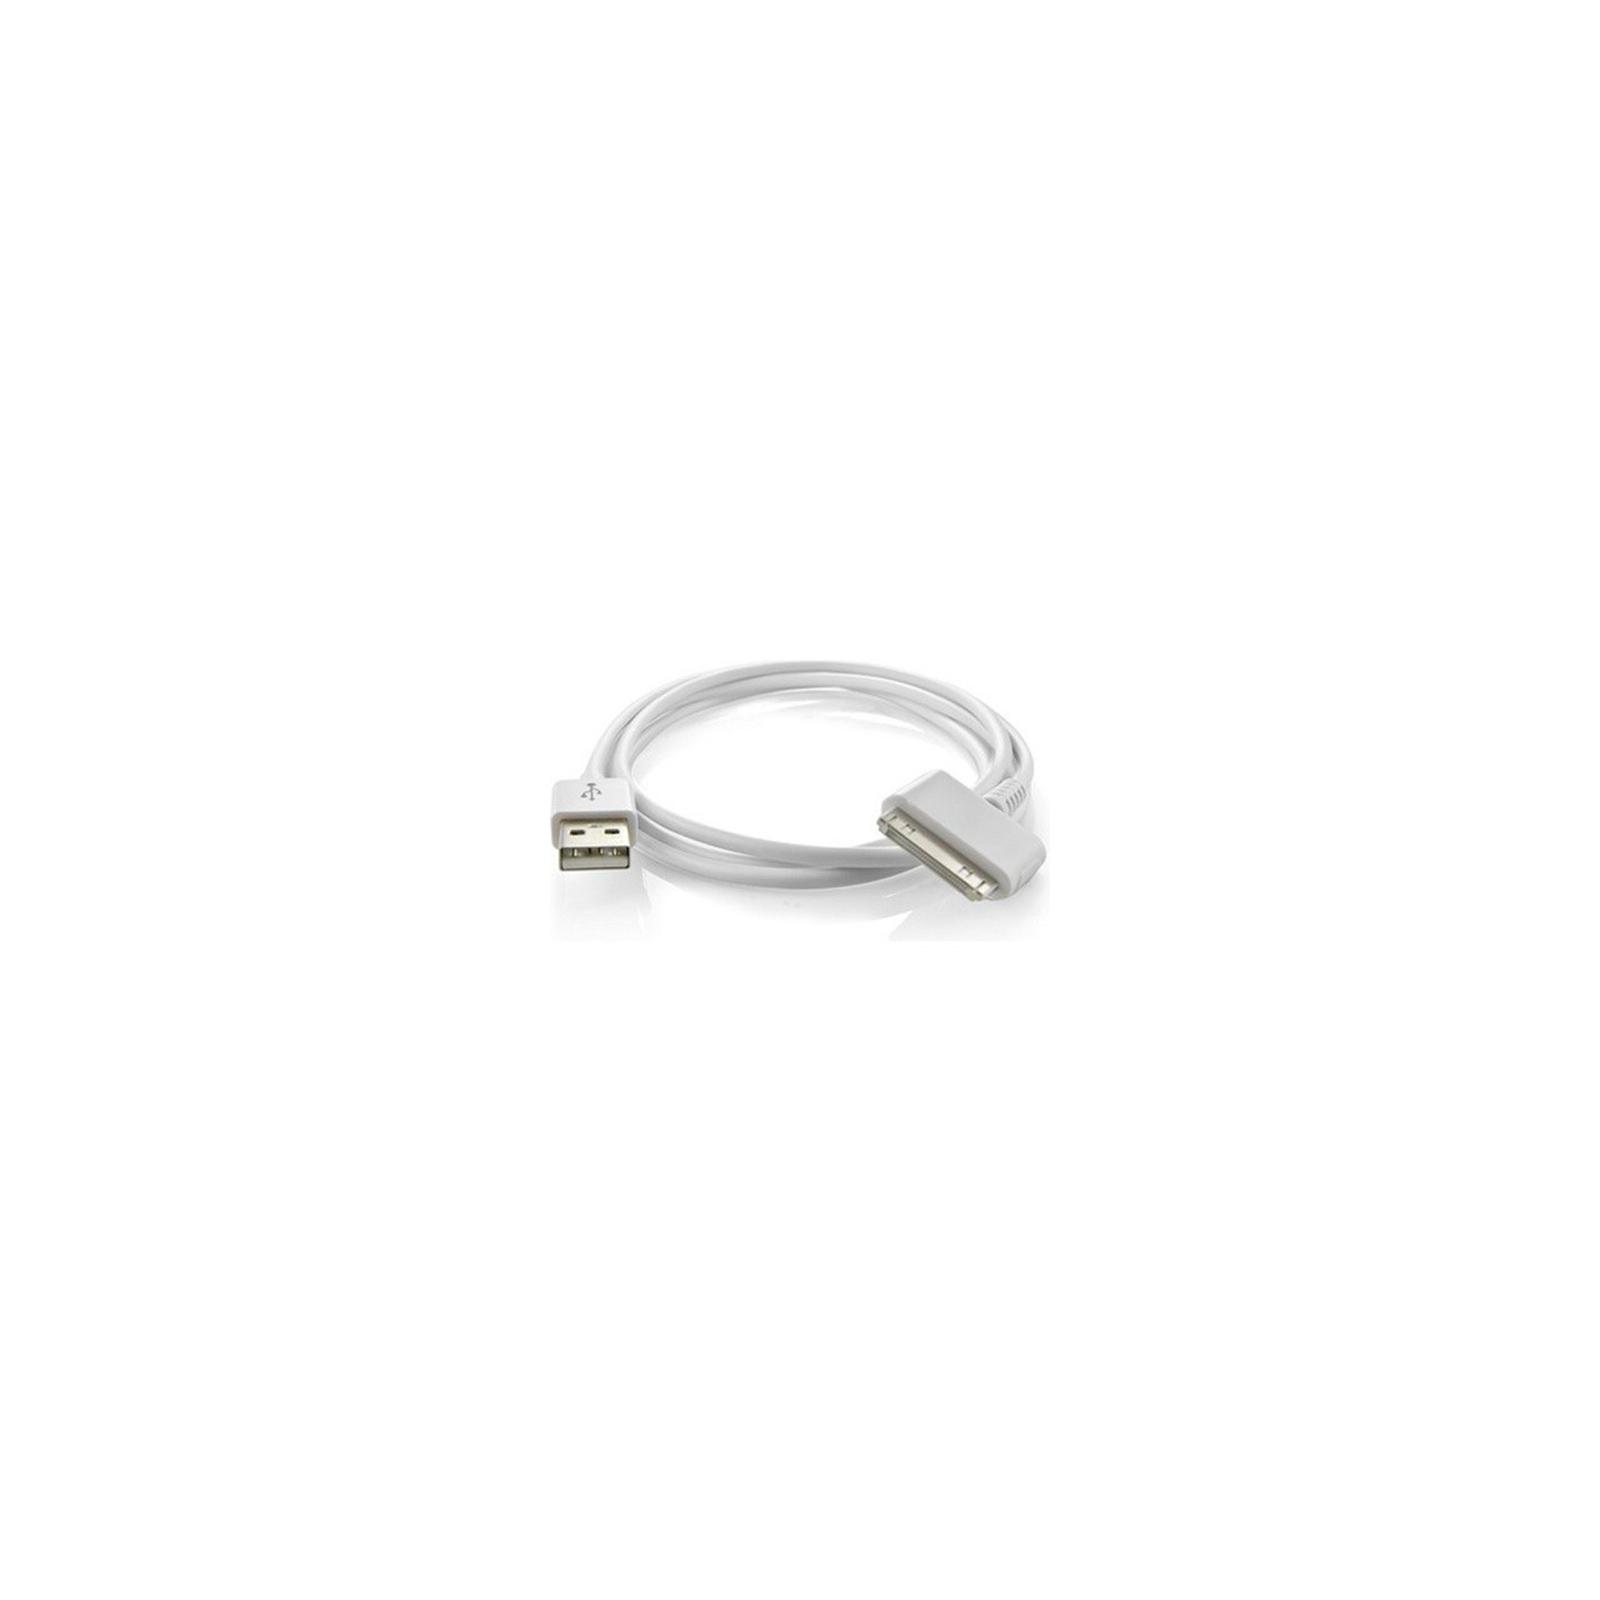 Зарядное устройство EasyLink (3 в 1) +кабель Dock (EL-189 W) изображение 4